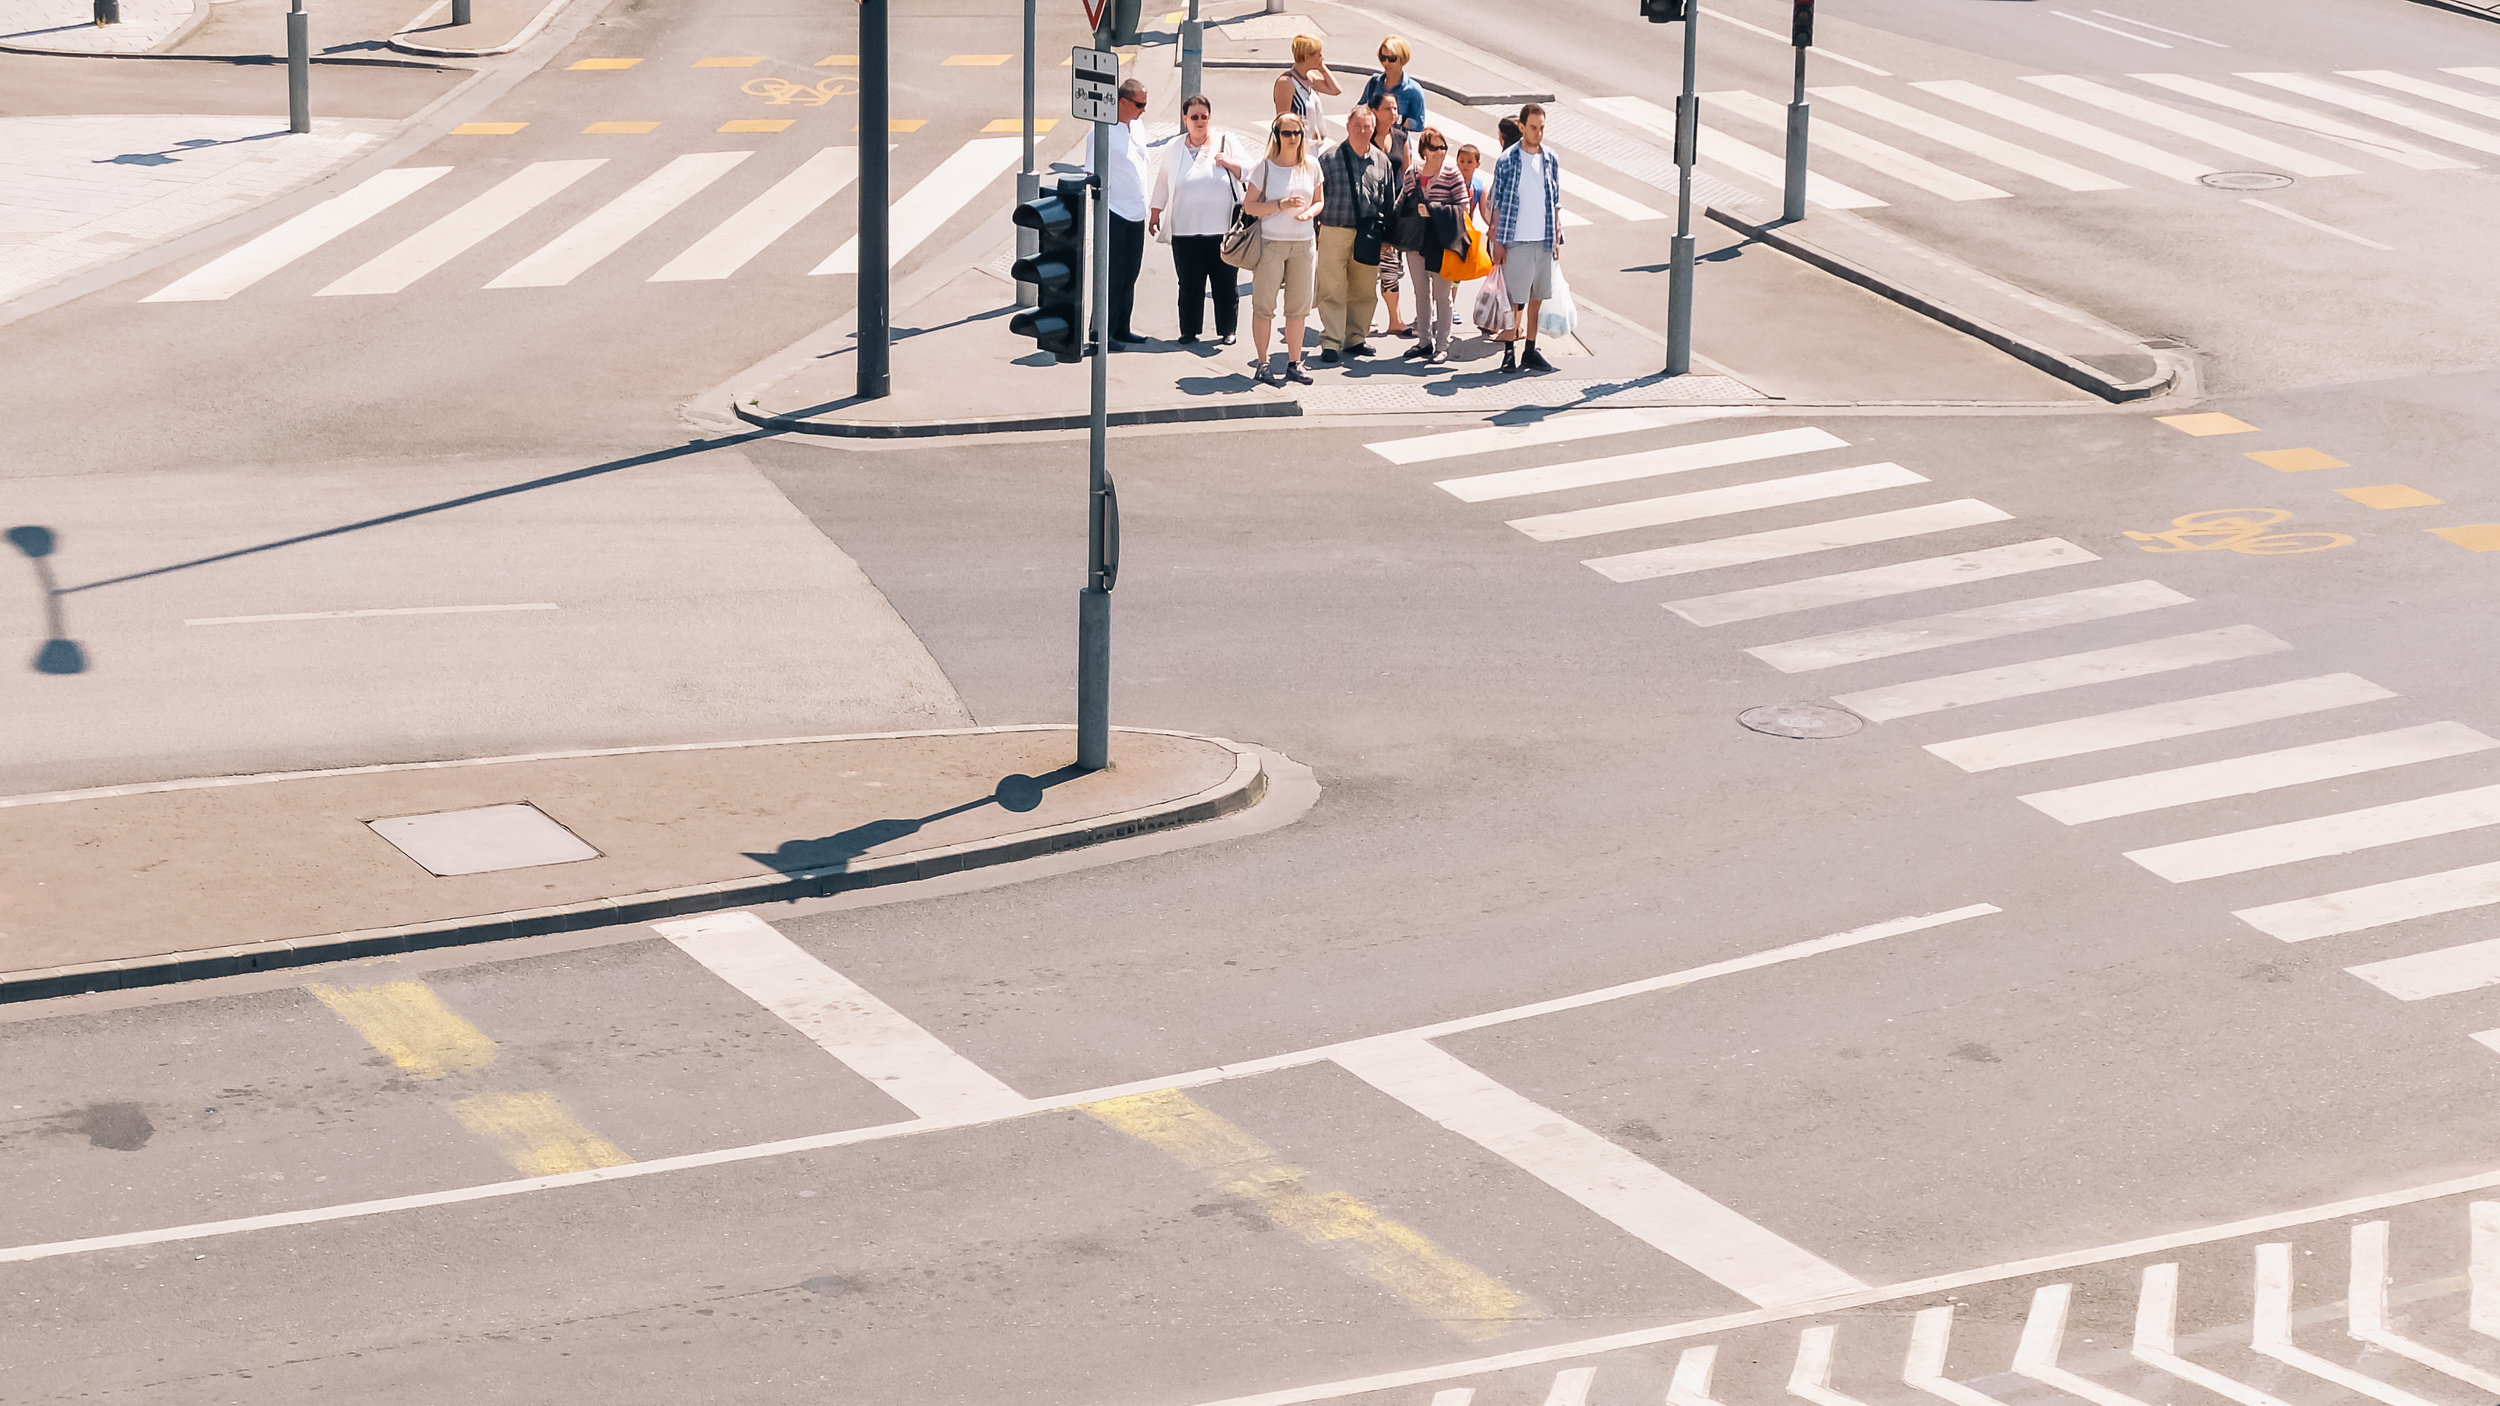 Περαστικοί σε μια διάβαση στην Βουδαπέστη